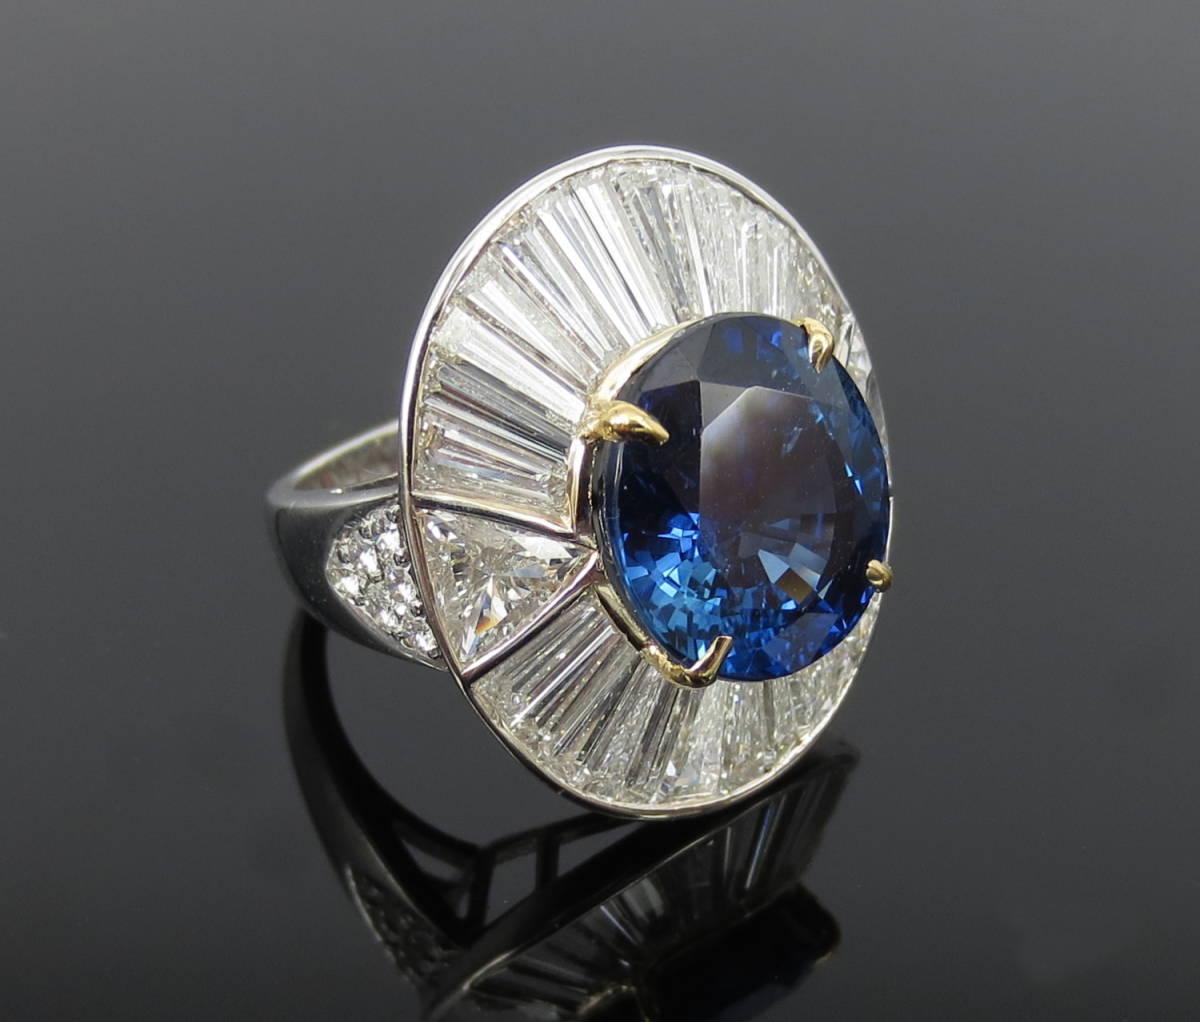 ◆ロイヤルブルー◆存在感抜群《15ct ダイヤモンド&セイロン・サファイヤ》プラチナ&K18リング指輪_画像2